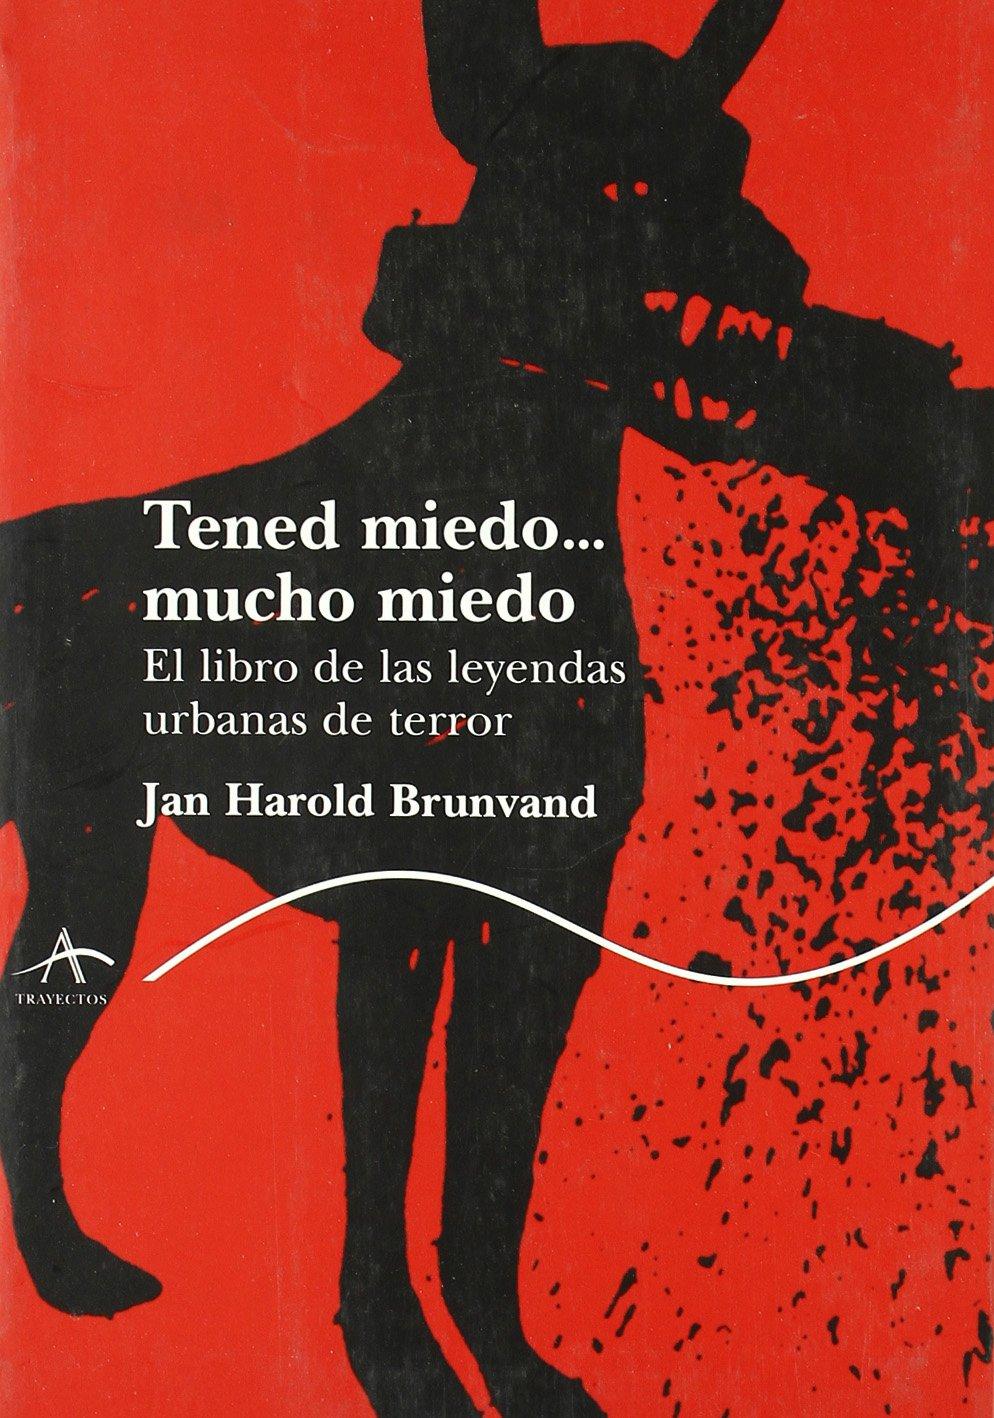 Tened miedo... Mucho miedo: Leyendas urbanas de terror Trayectos Lecturas: Amazon.es: Brunvand, Jan Harold, Berástegui, Manu: Libros